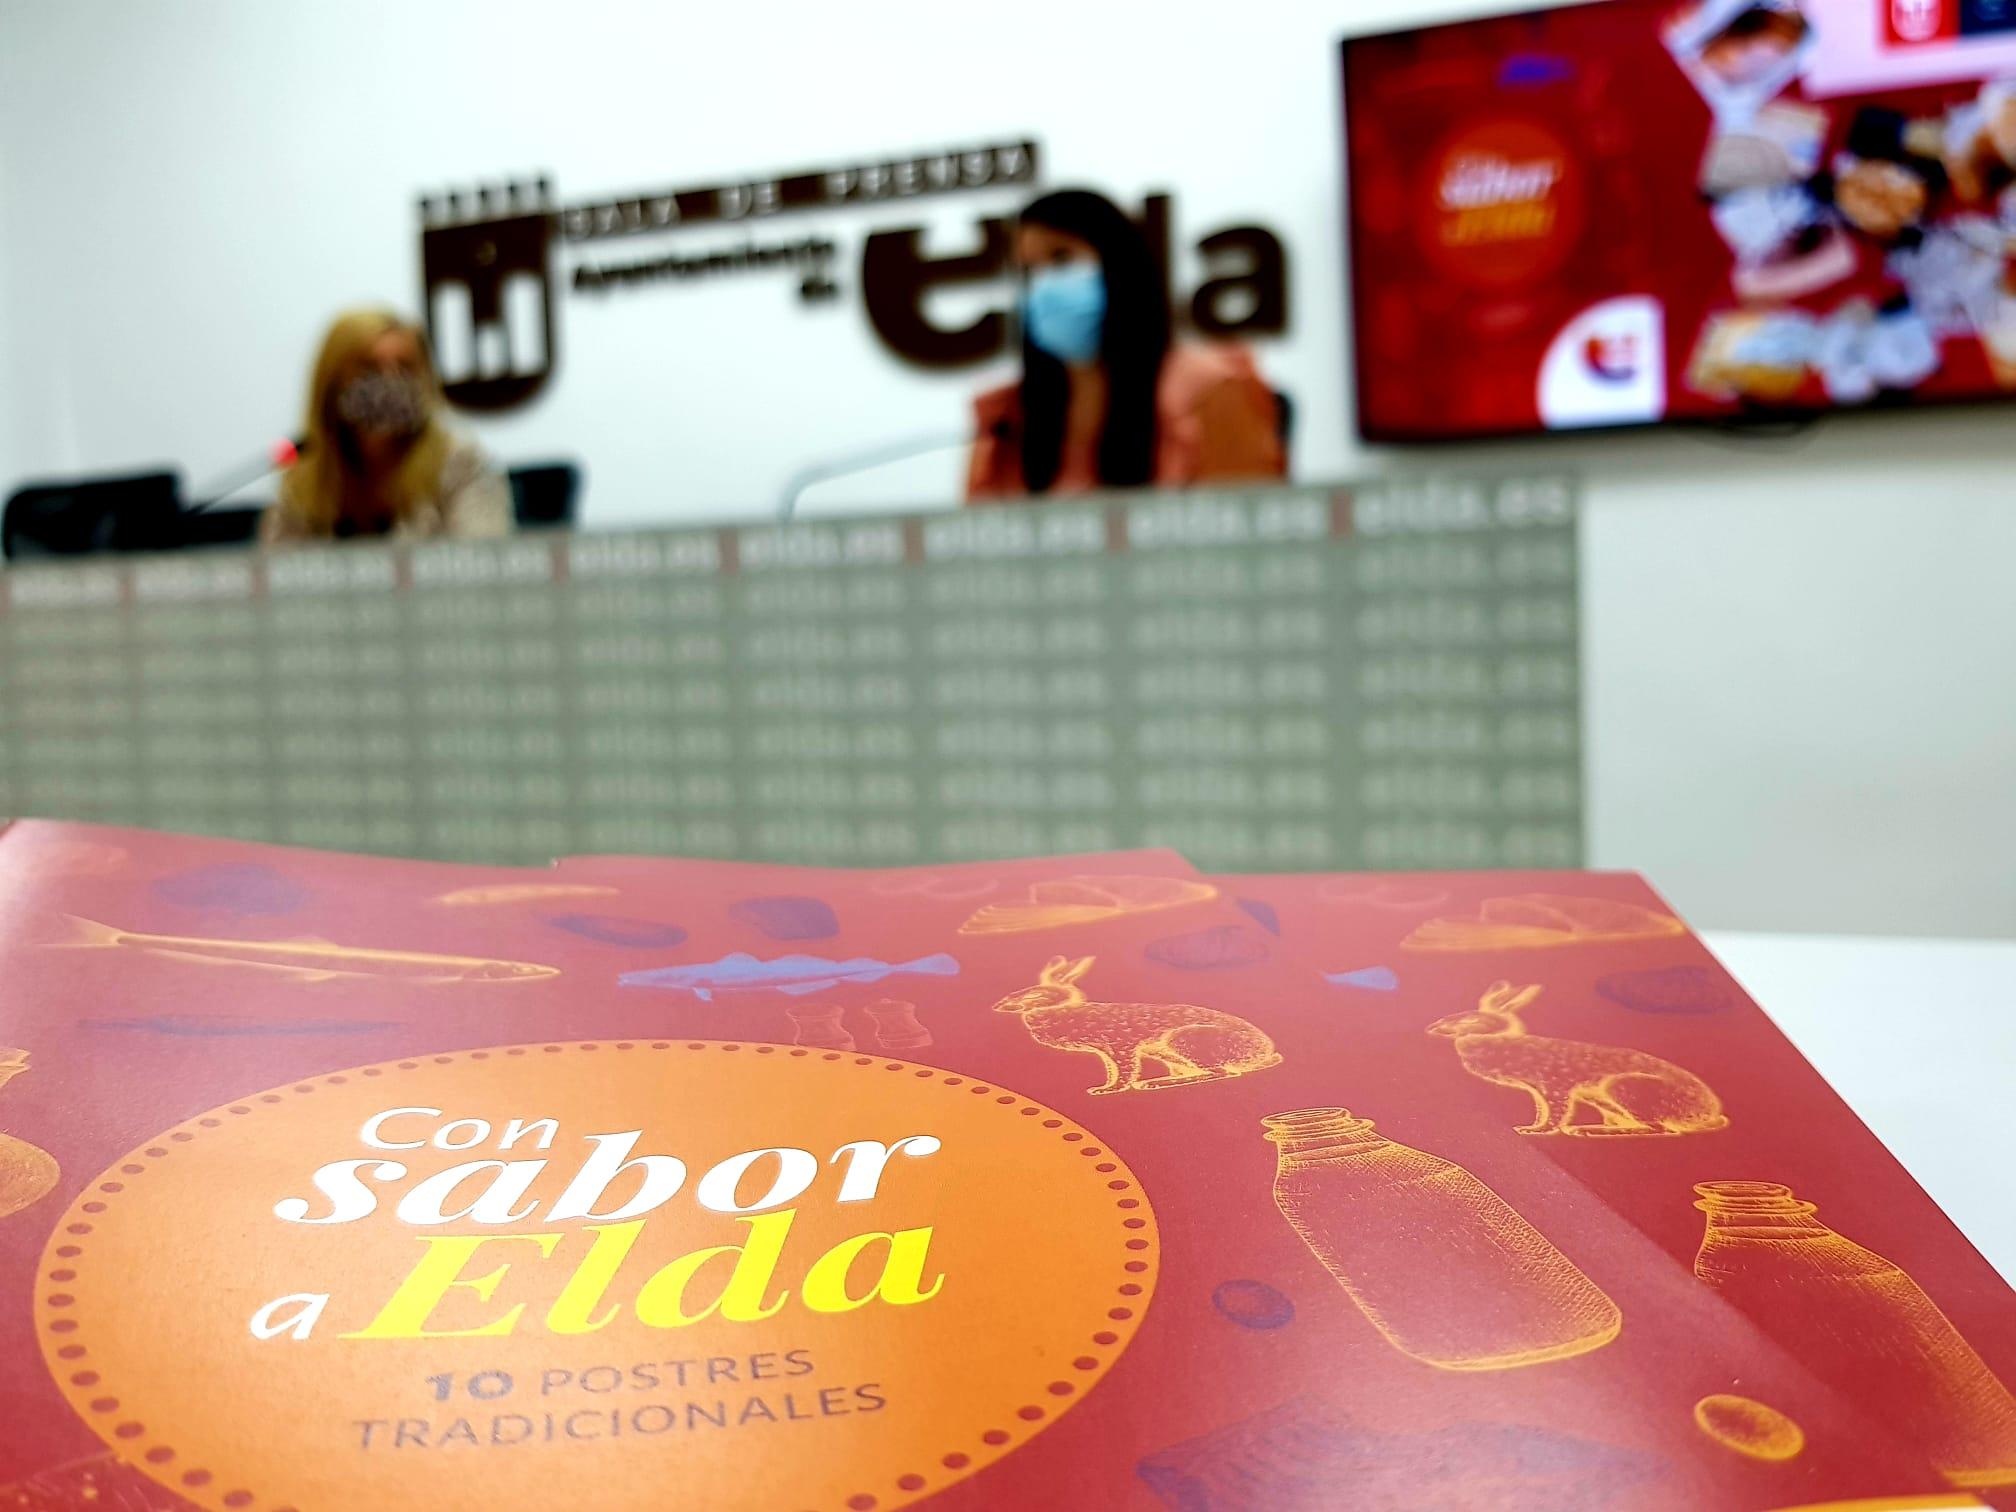 La Concejalía de Turismo presenta un nuevo libro de recetas con una selección de diez postres tradicionales